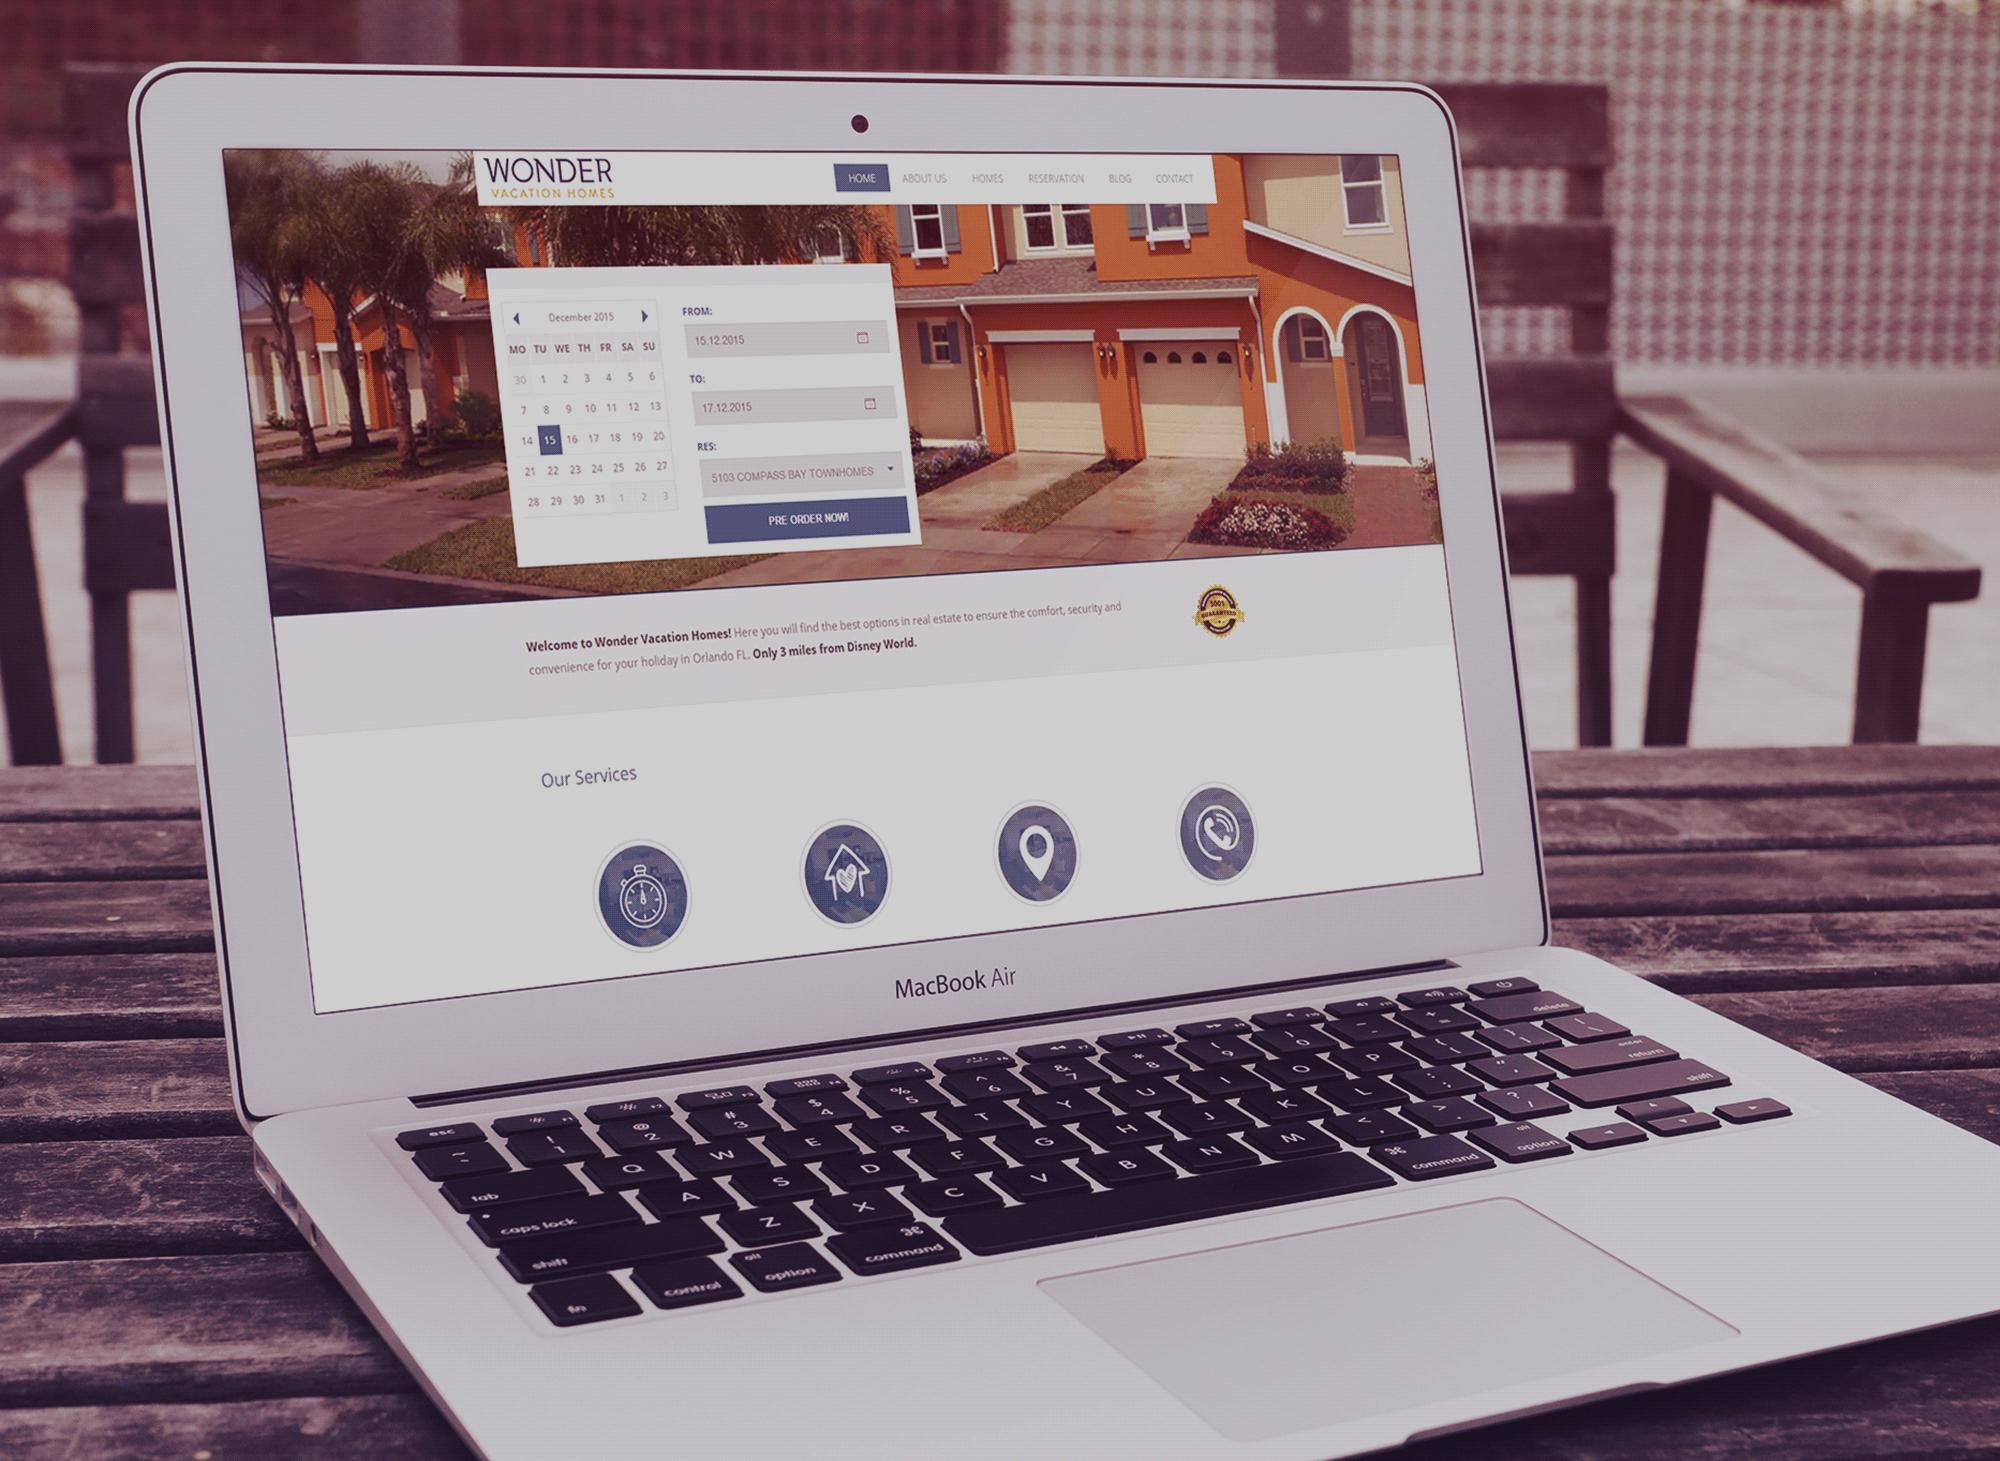 site-wonder-vacation-homes-portfolio-criacao-sites-agencia-diretriz-digital-marketing